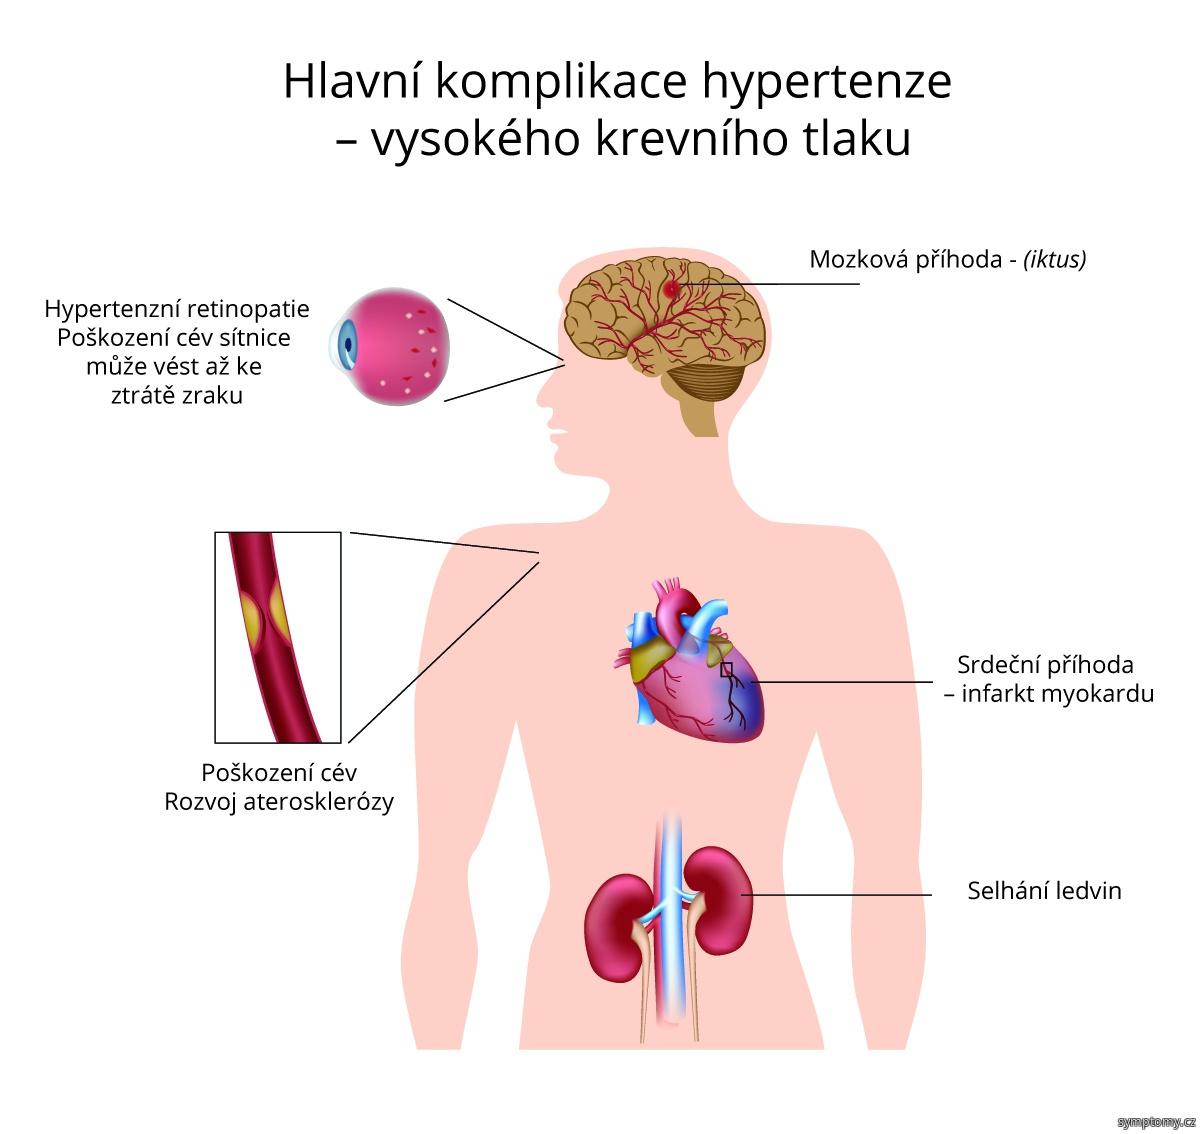 Hlavní komplikace hypertenze - vysokého krevního tlaku